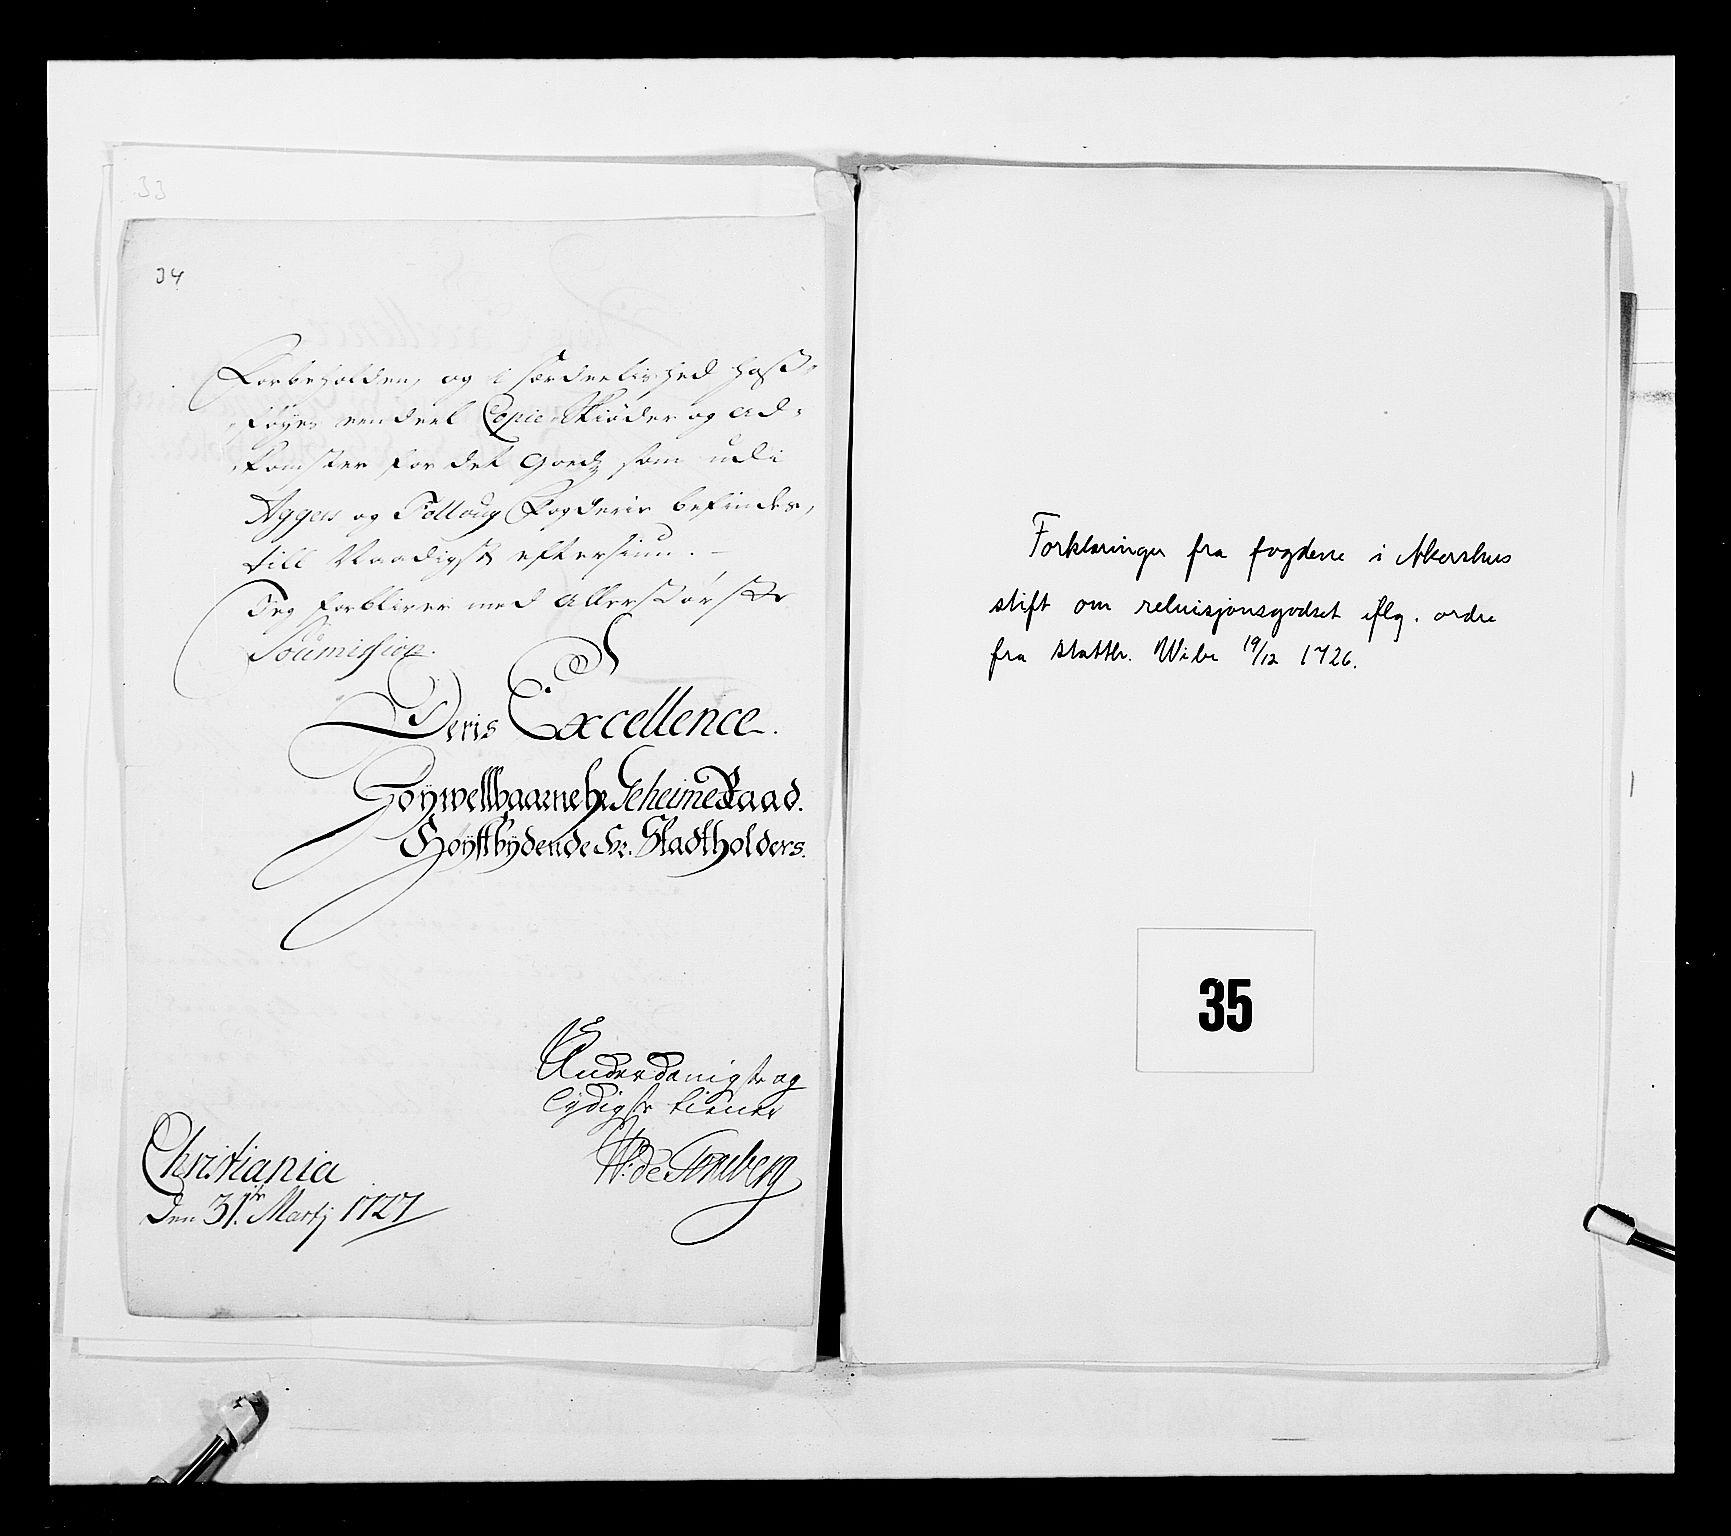 RA, Stattholderembetet 1572-1771, Ek/L0043: Jordebøker o.a. 1720-1728 vedkommende krongodset:, 1724-1728, s. 97